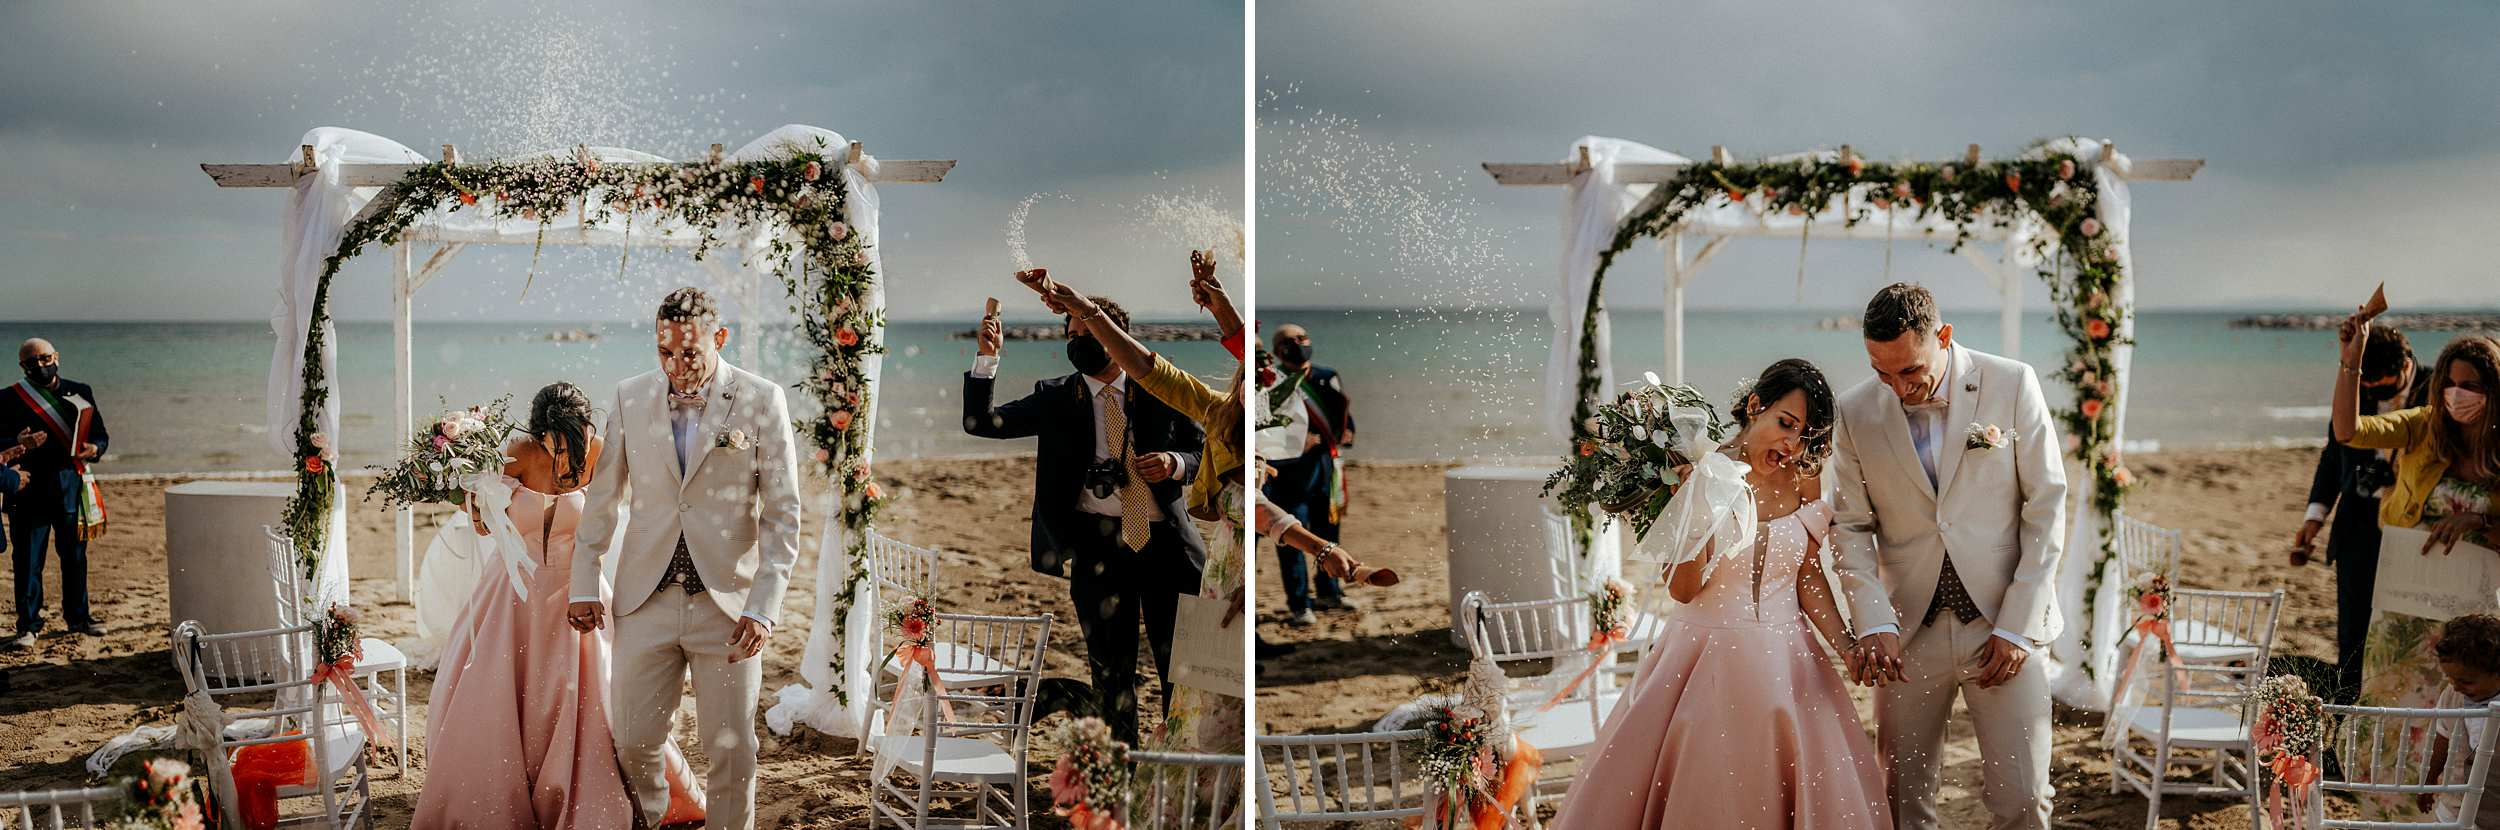 matrimonio intimo in spiaggia, follonica, il boschetto